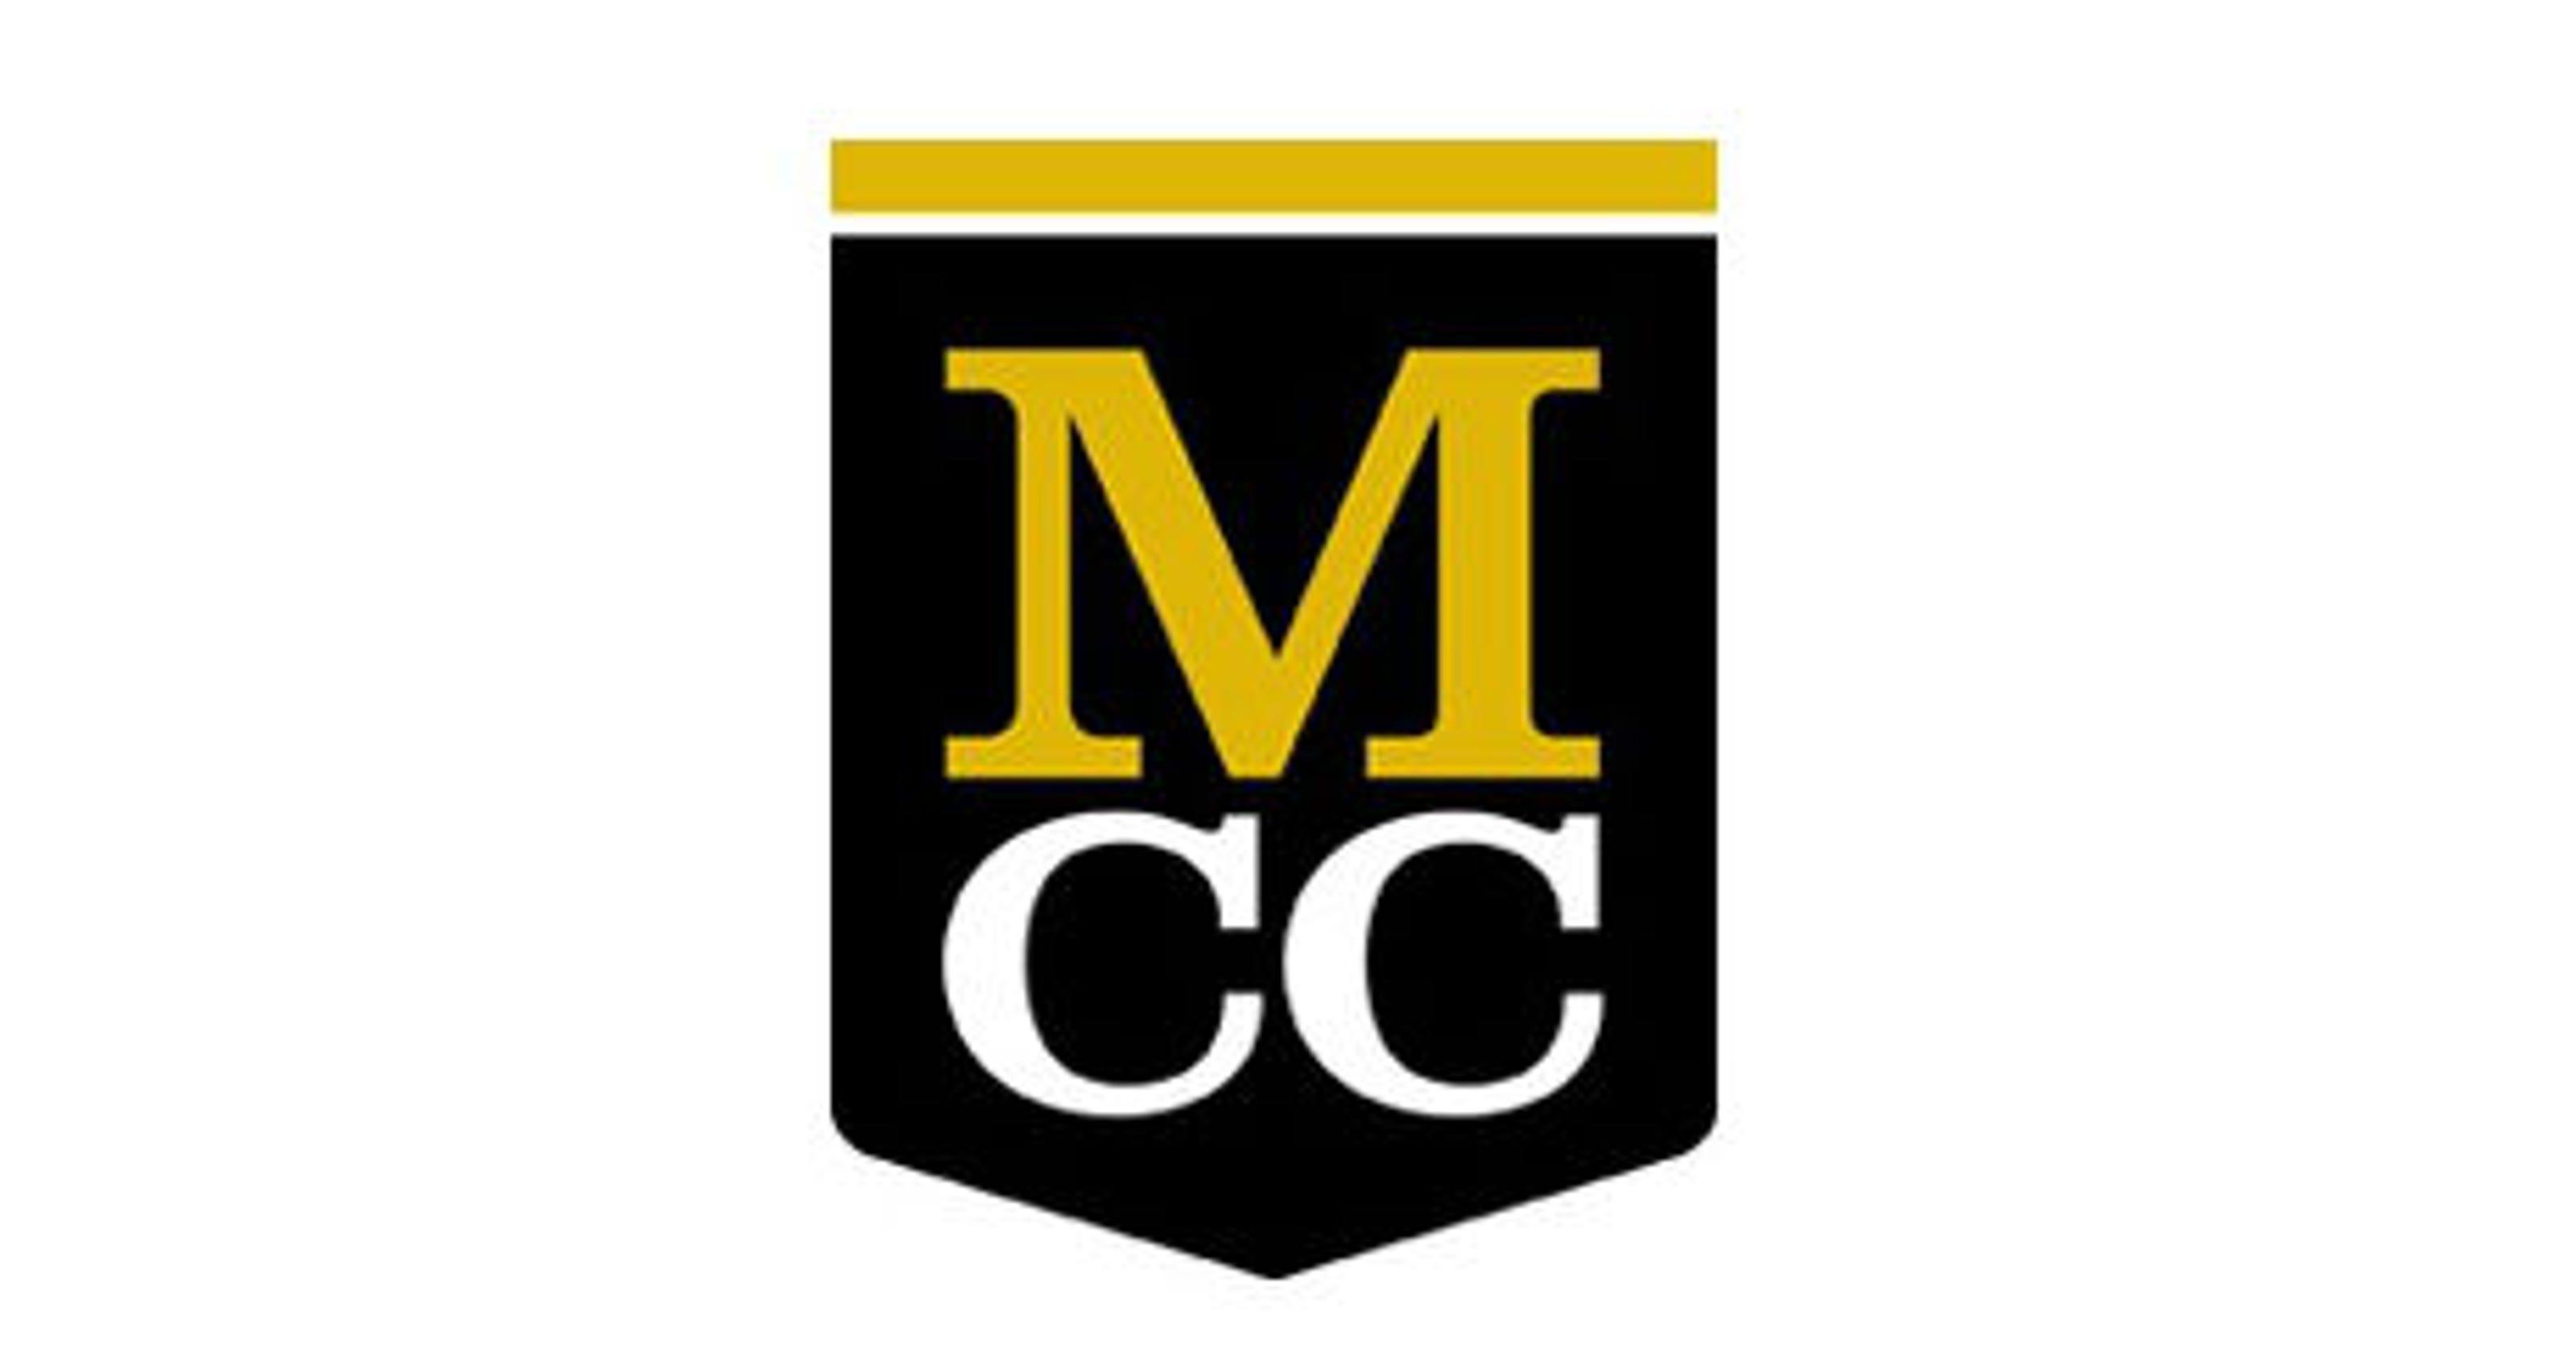 MCC lockdown drill creates confusion